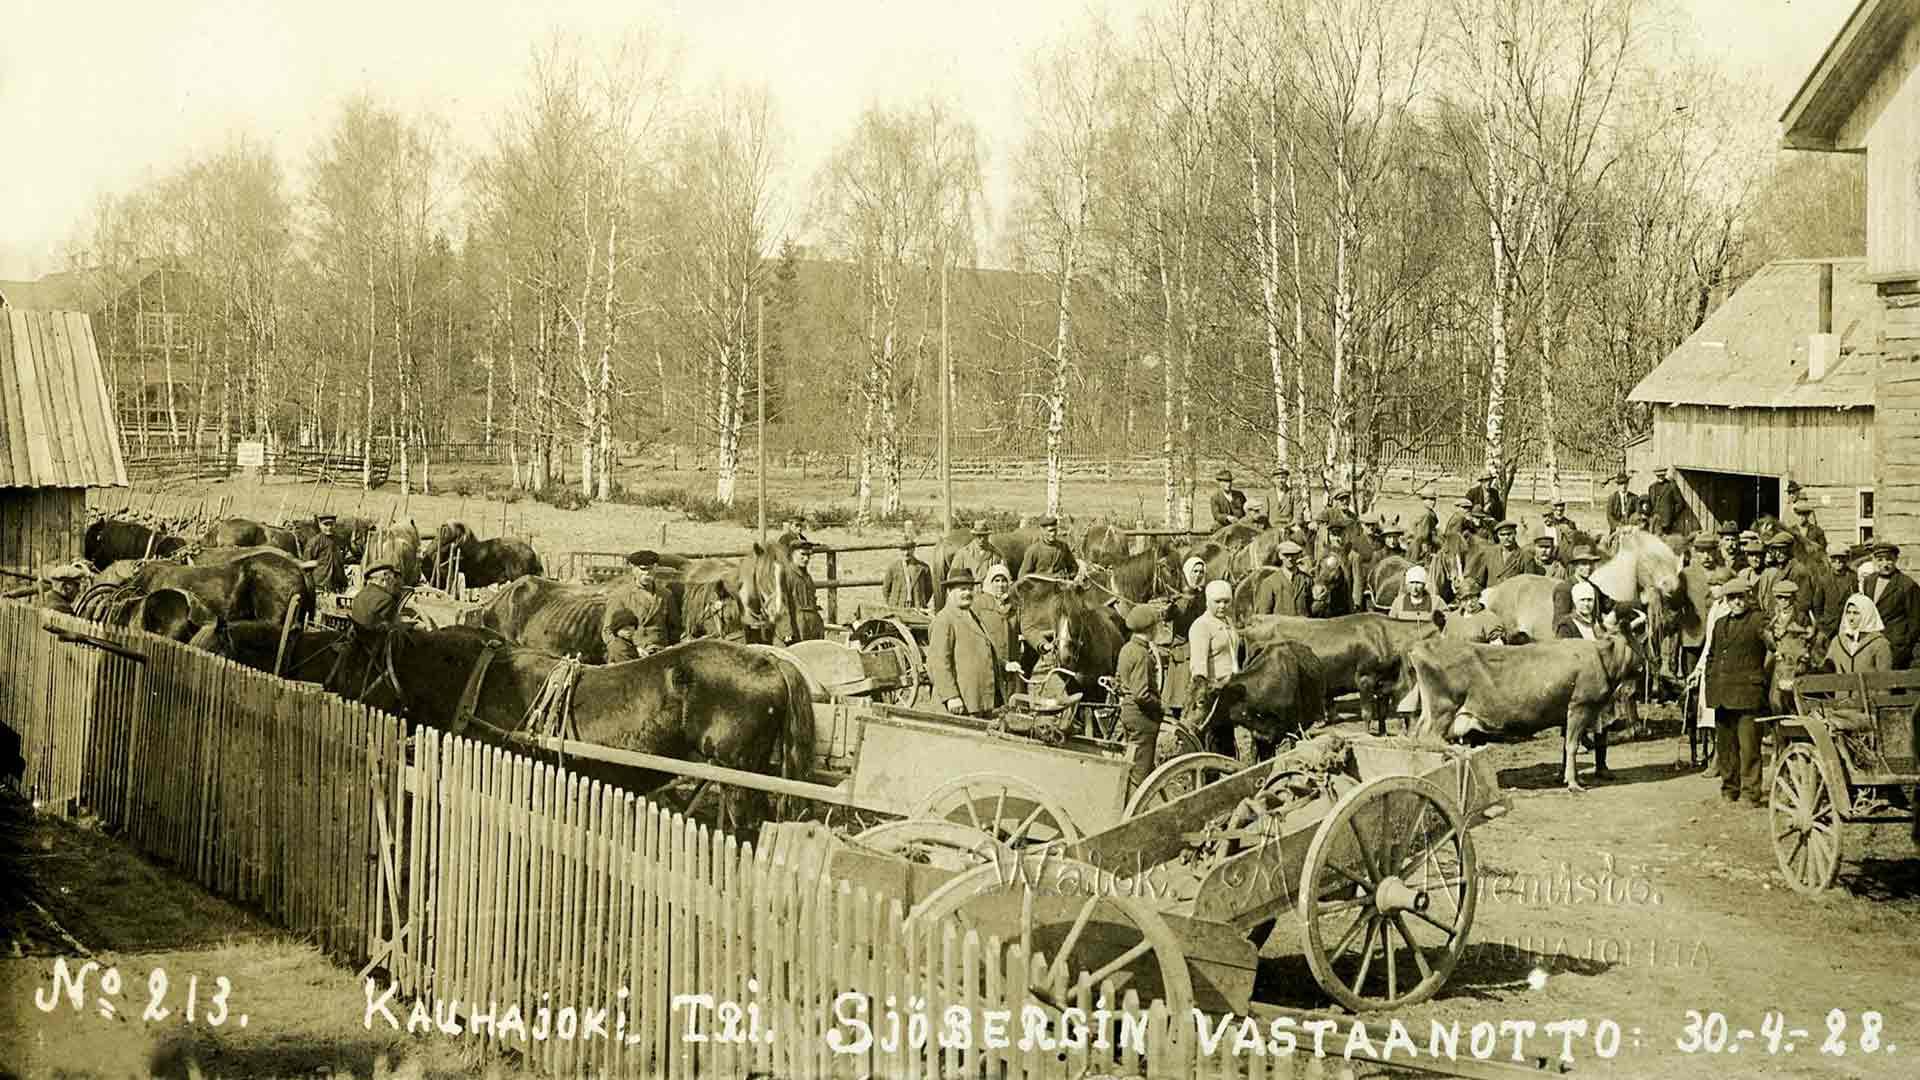 Kansa luotti naiseläinlääkärin taitoihin. Tässä on kuhinaa Sjöbergin Kauhajoen-klinikalla keväällä 1928.